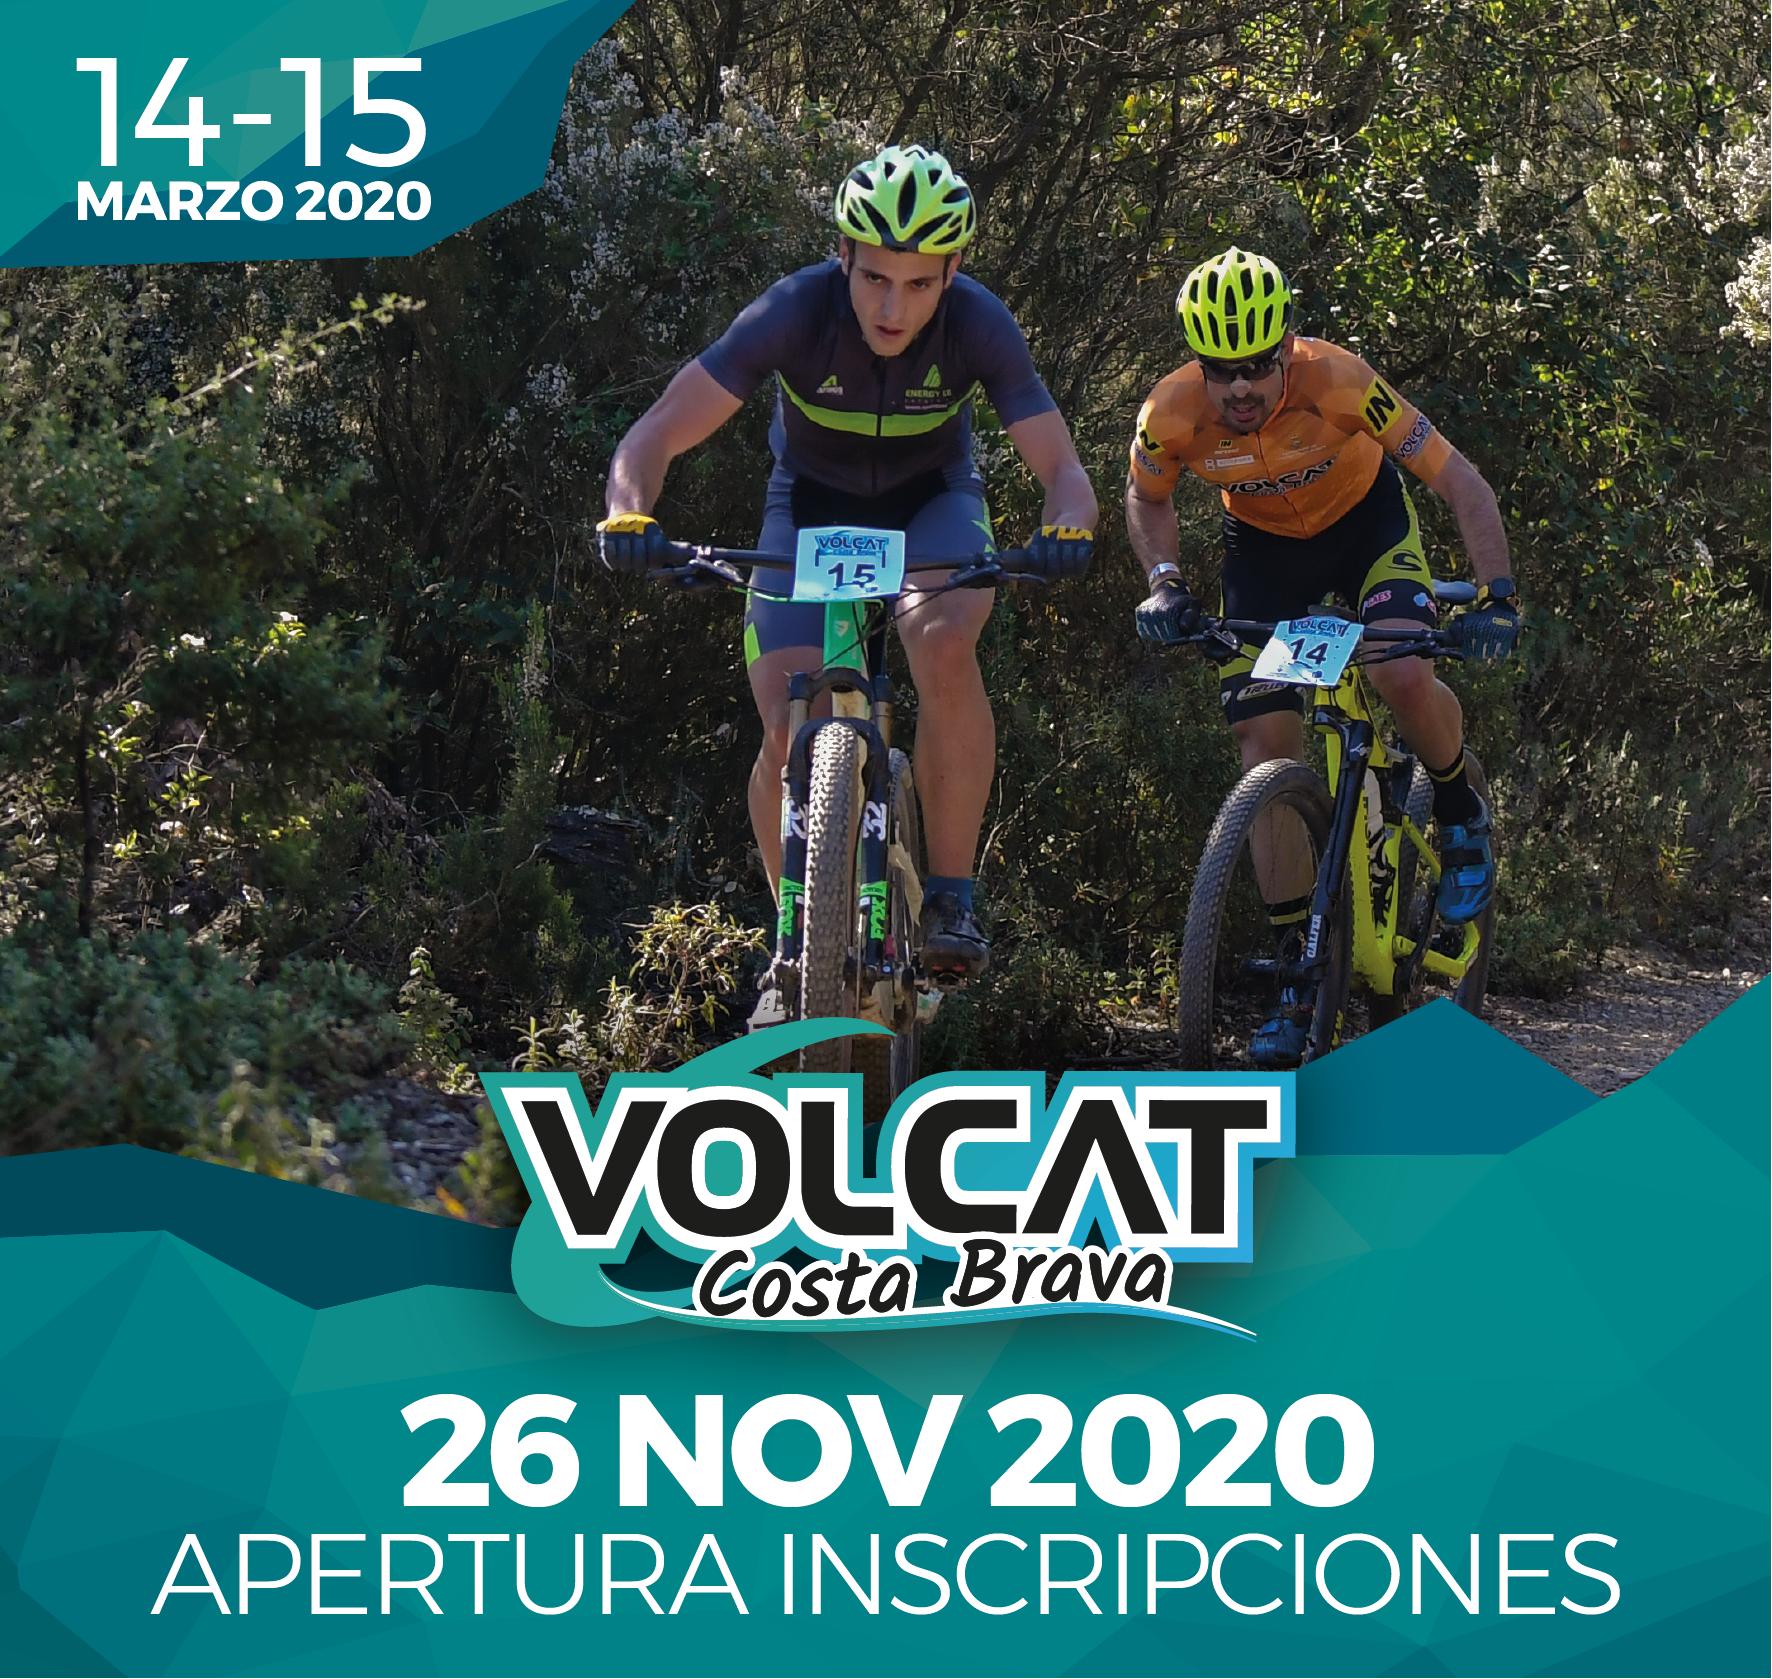 La VolCAT Costa Brava 2020 obre inscripcions el 26 de novembre!